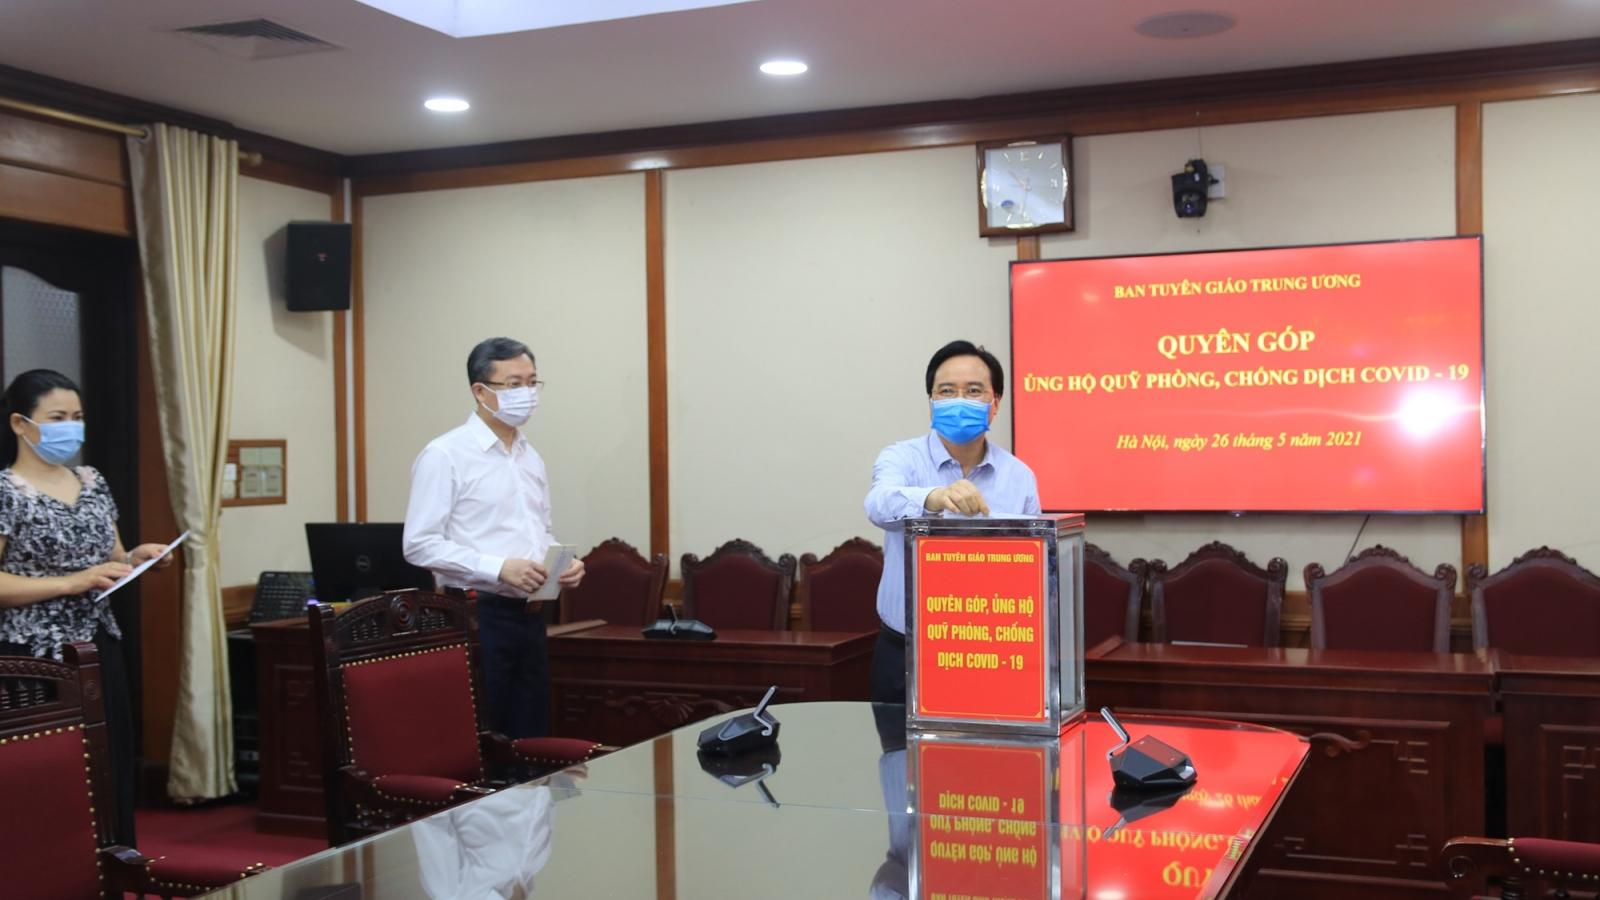 Ban Tuyên giáo Trung ương phát động quyên góp ủng hộ Quỹ phòng, chống dịch Covid-19